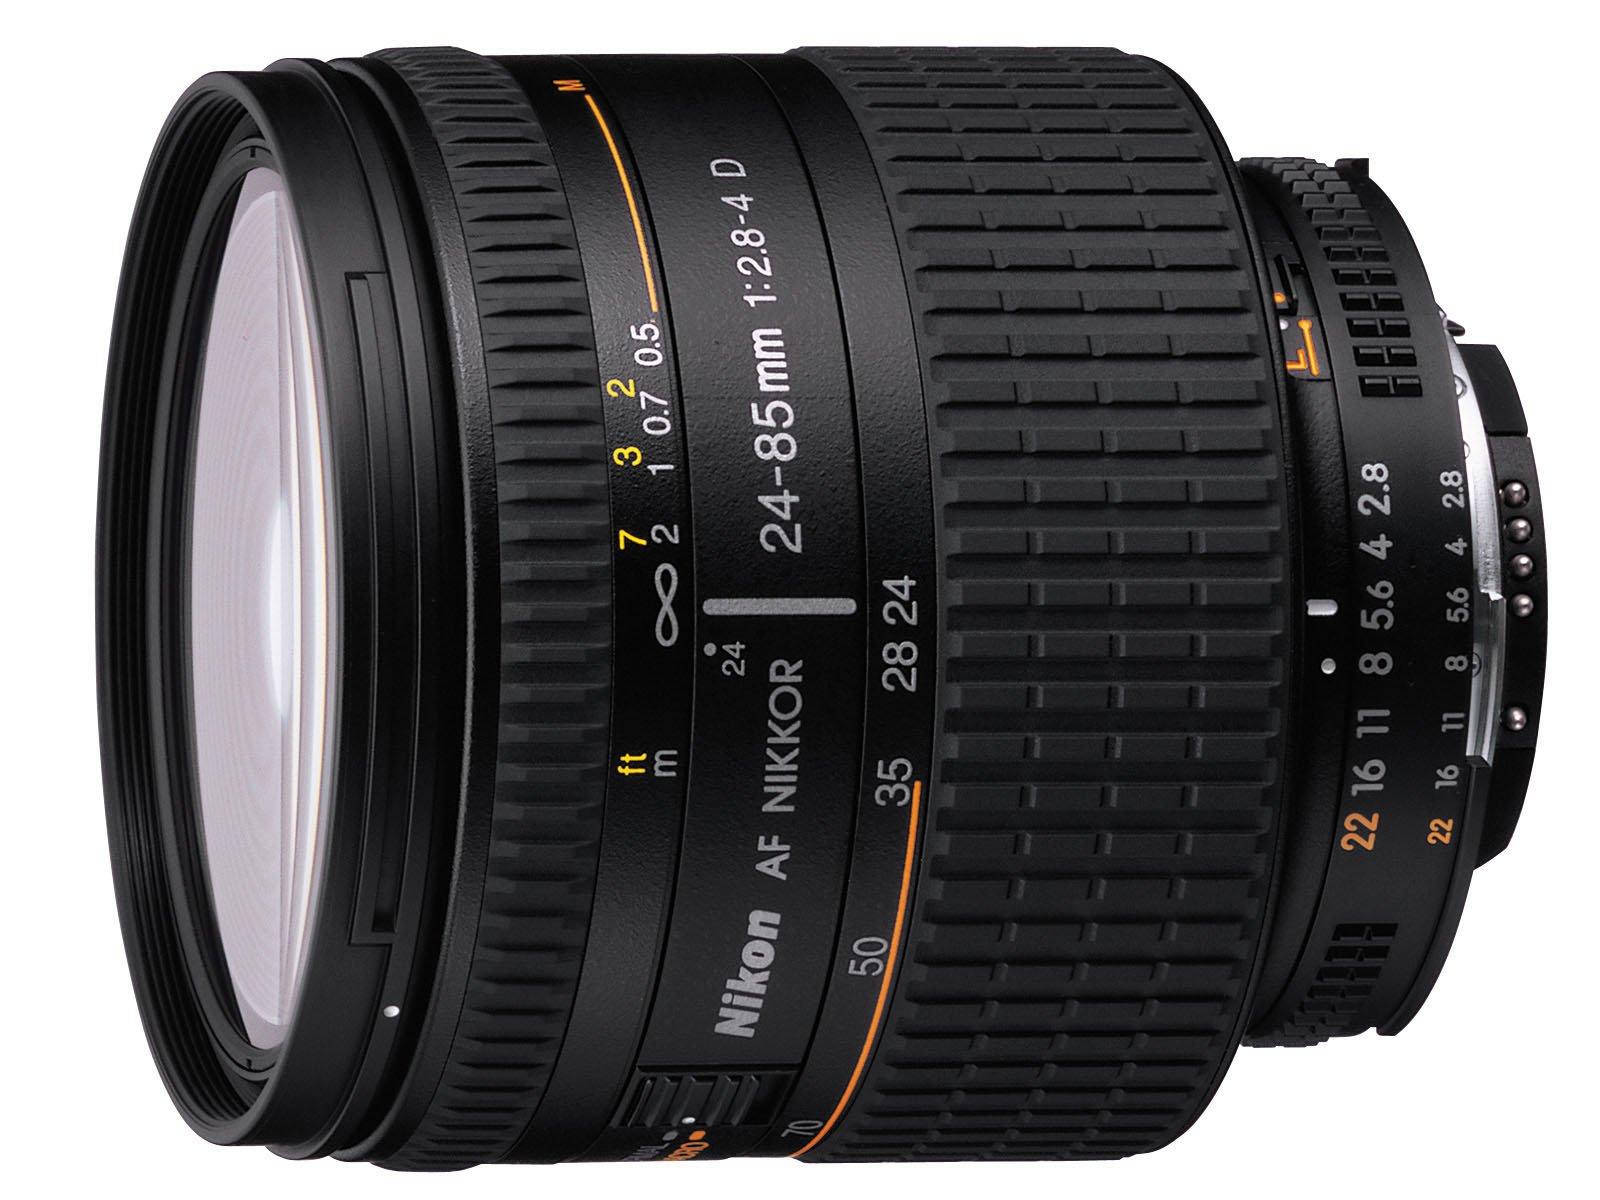 Nikon 24-85mm f/2.8-4 IF AF-D Nikkor Lens with Hood - International Version (No Warranty) by Nikon